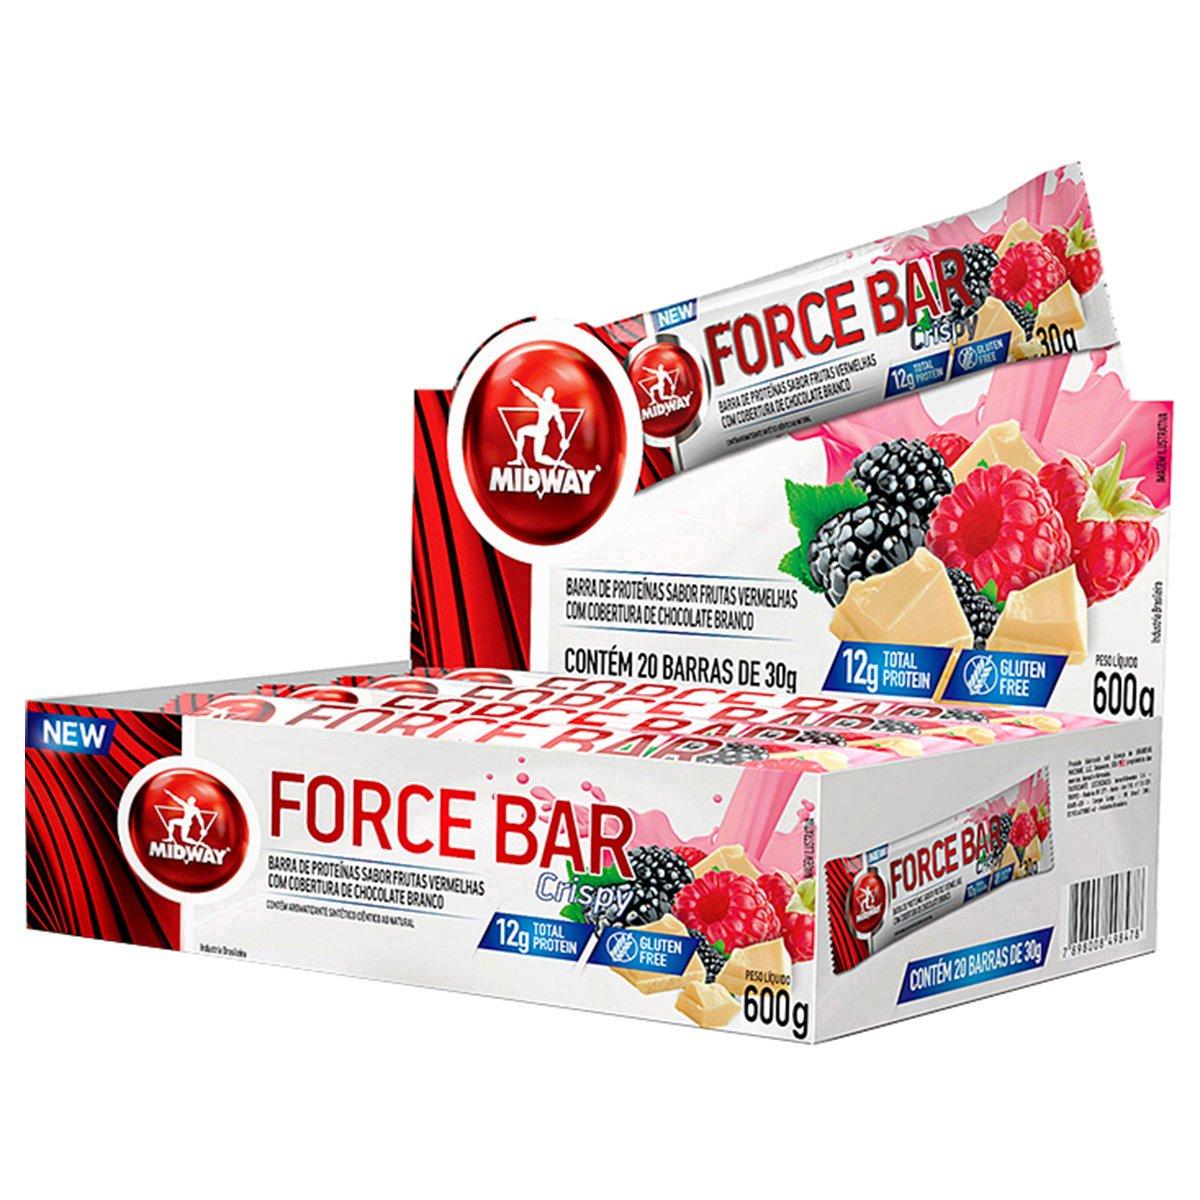 04cbc13ac Barra de Proteína Force Bar Crisp - Midway 20 Unidades - Compre Agora